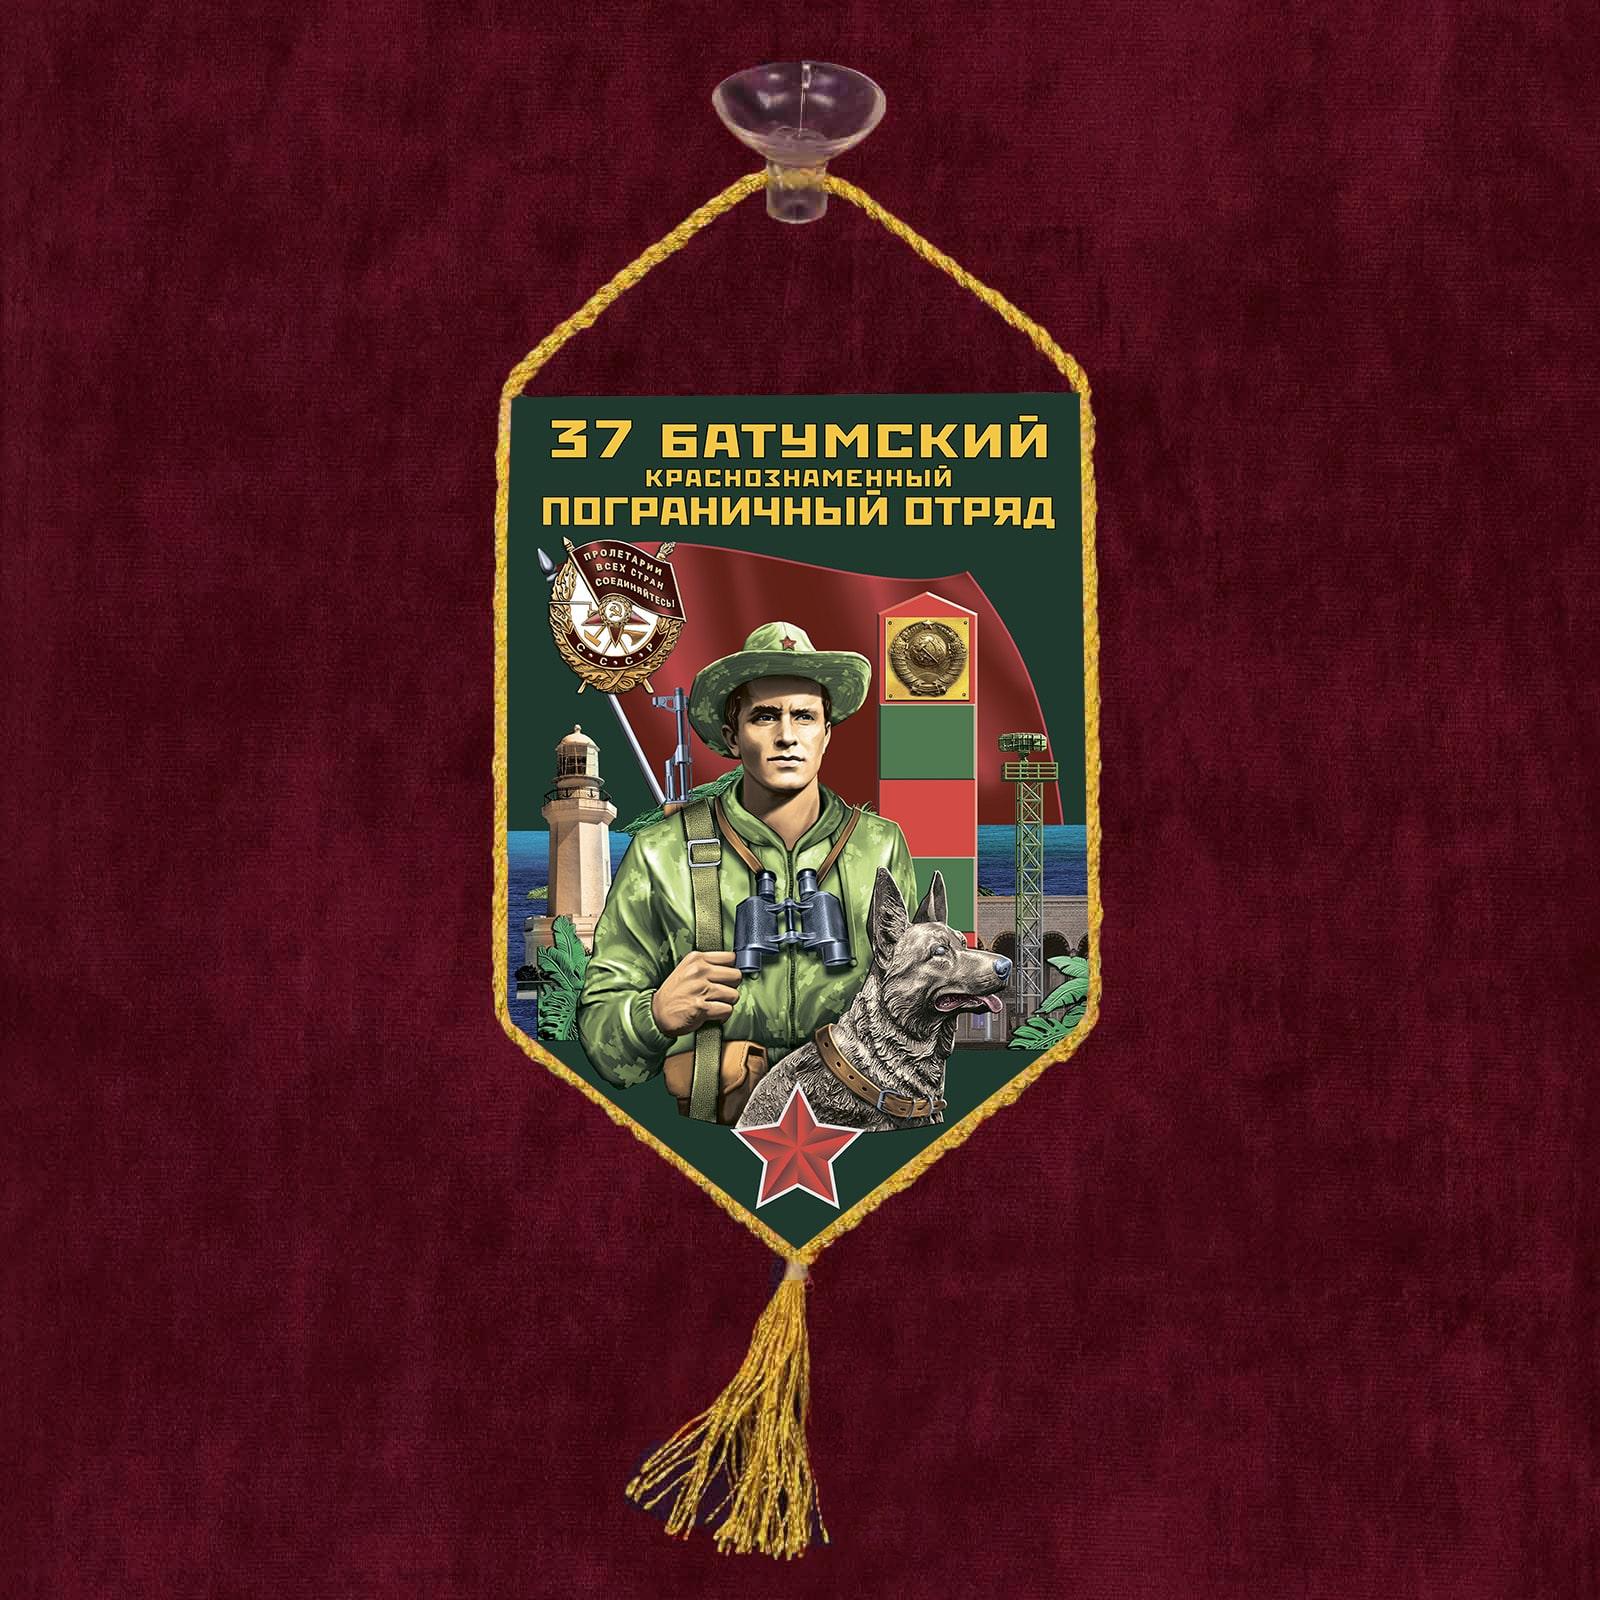 """Автомобильный вымпел """"37 Батумский пограничный отряд"""""""